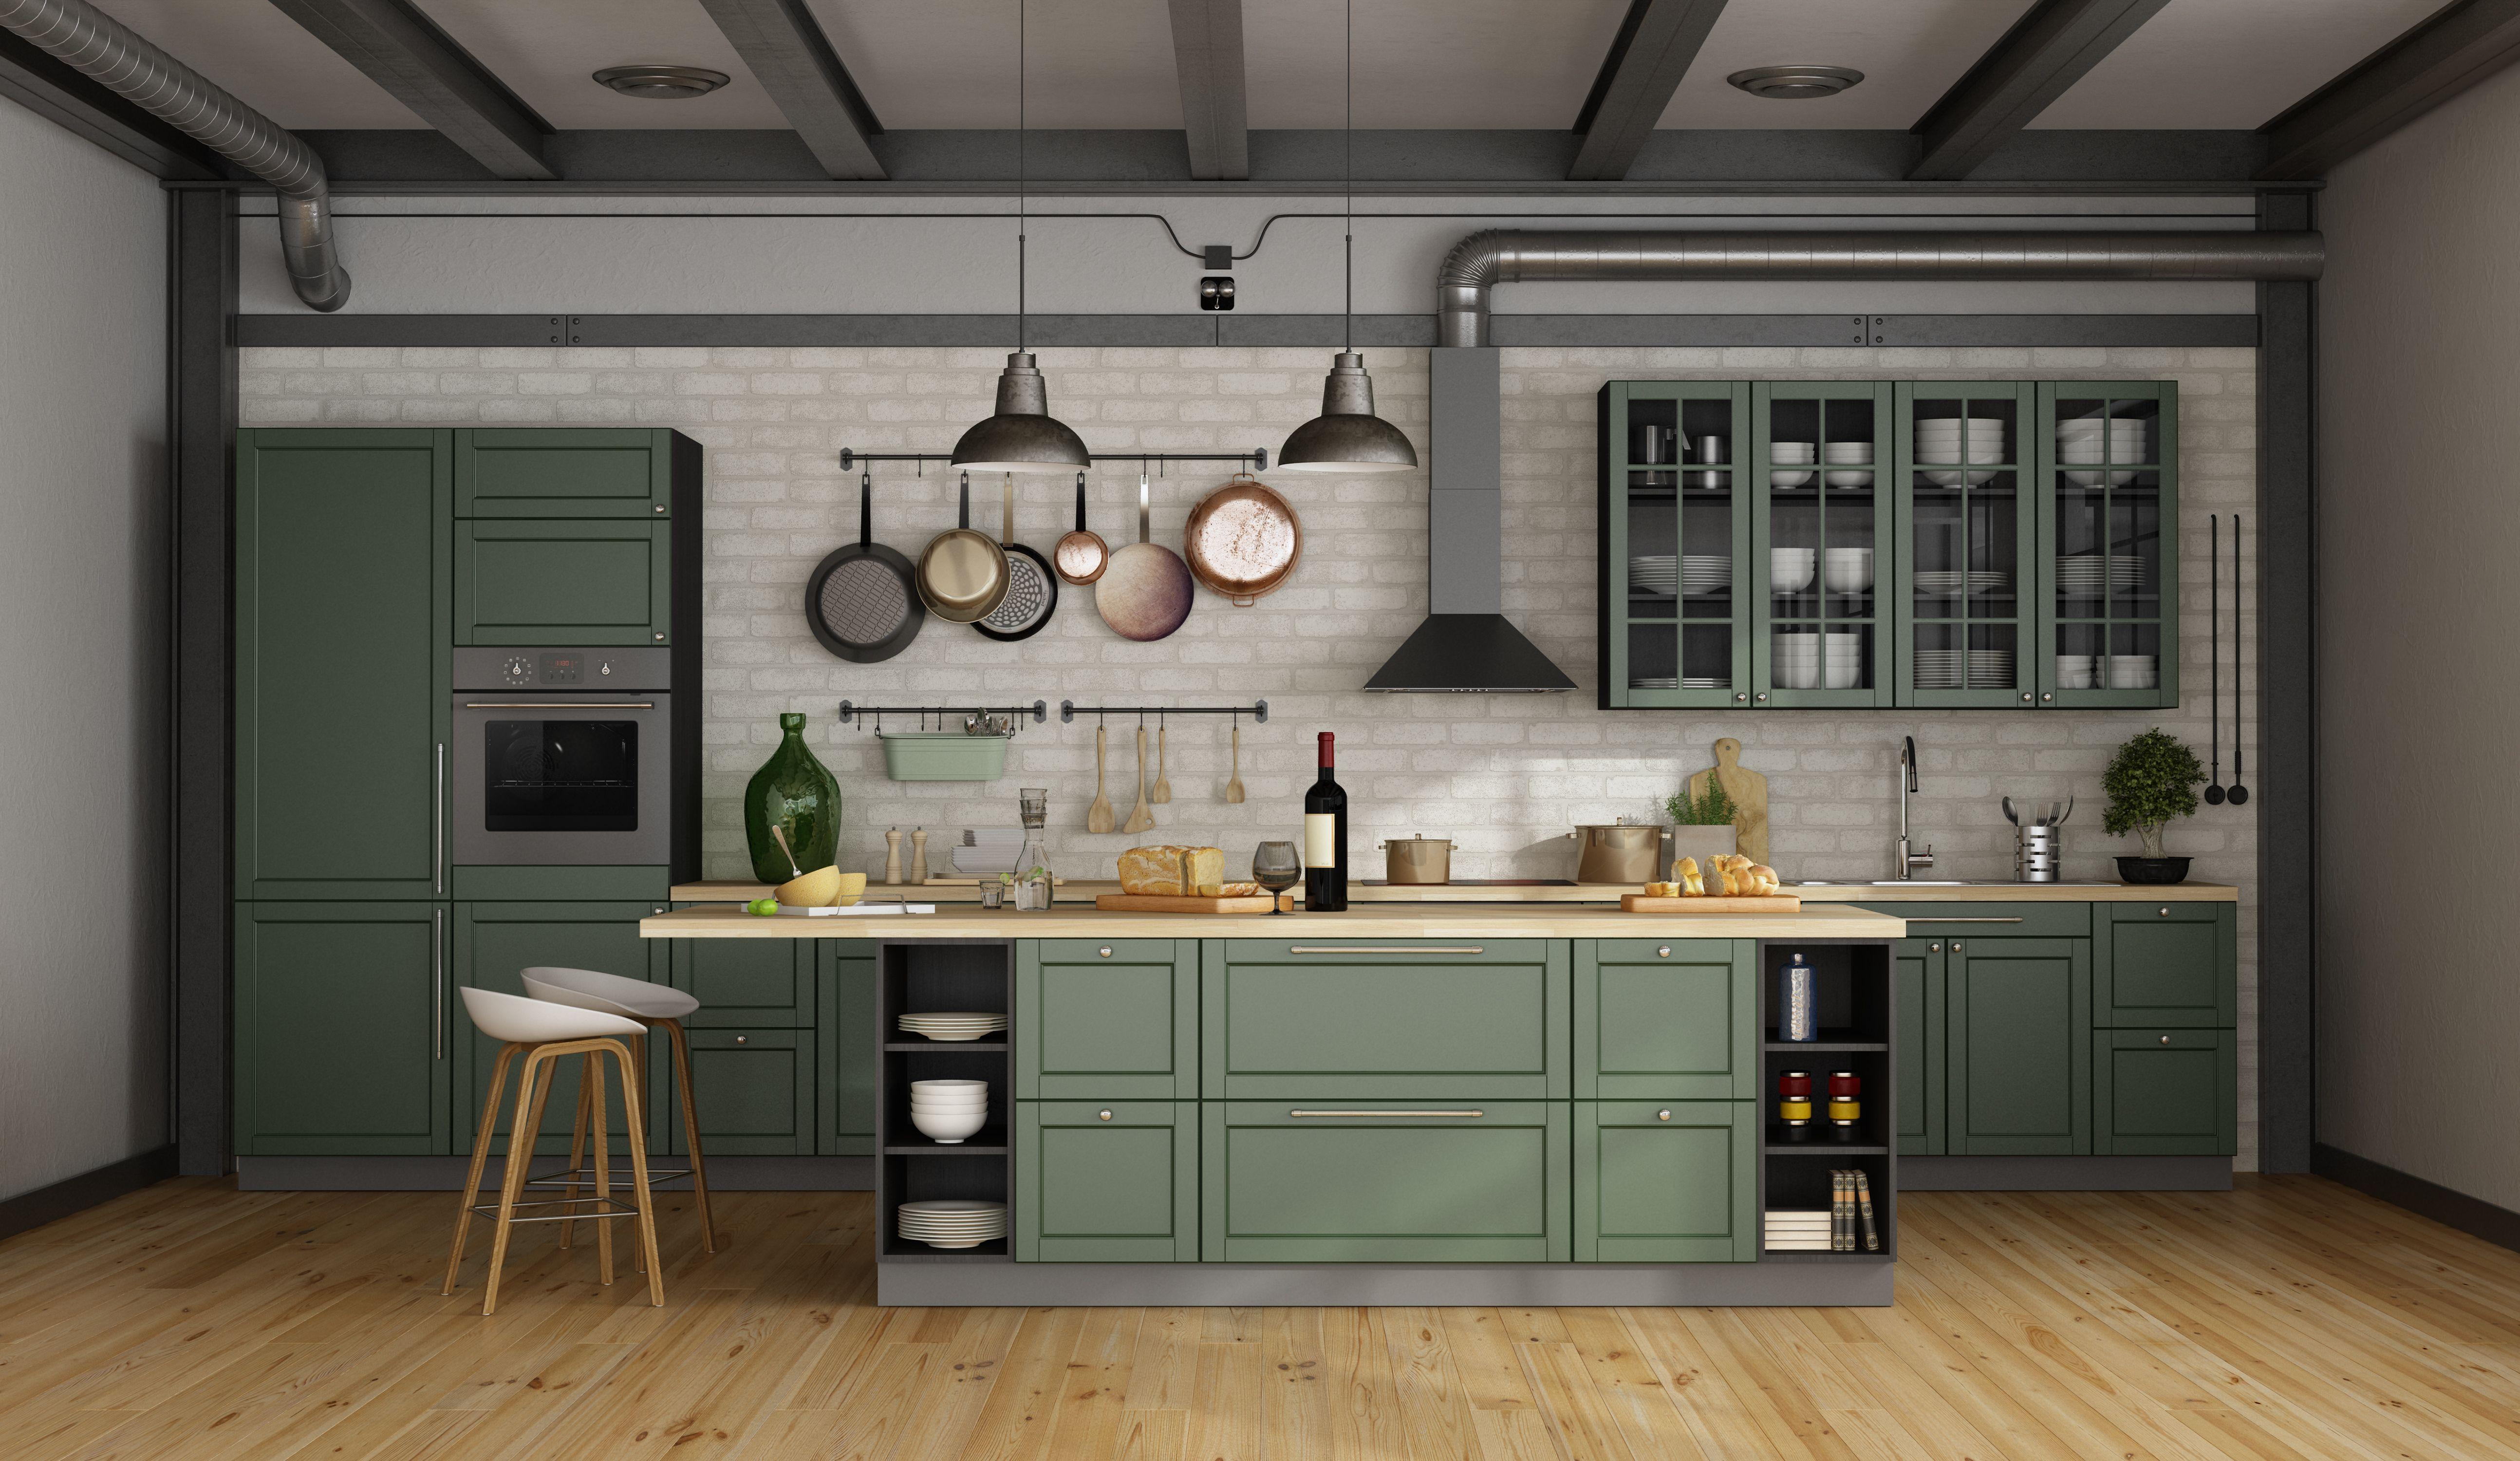 Kuchnia Vintage Green Kitchen Cabinets One Wall Kitchen Green Kitchen